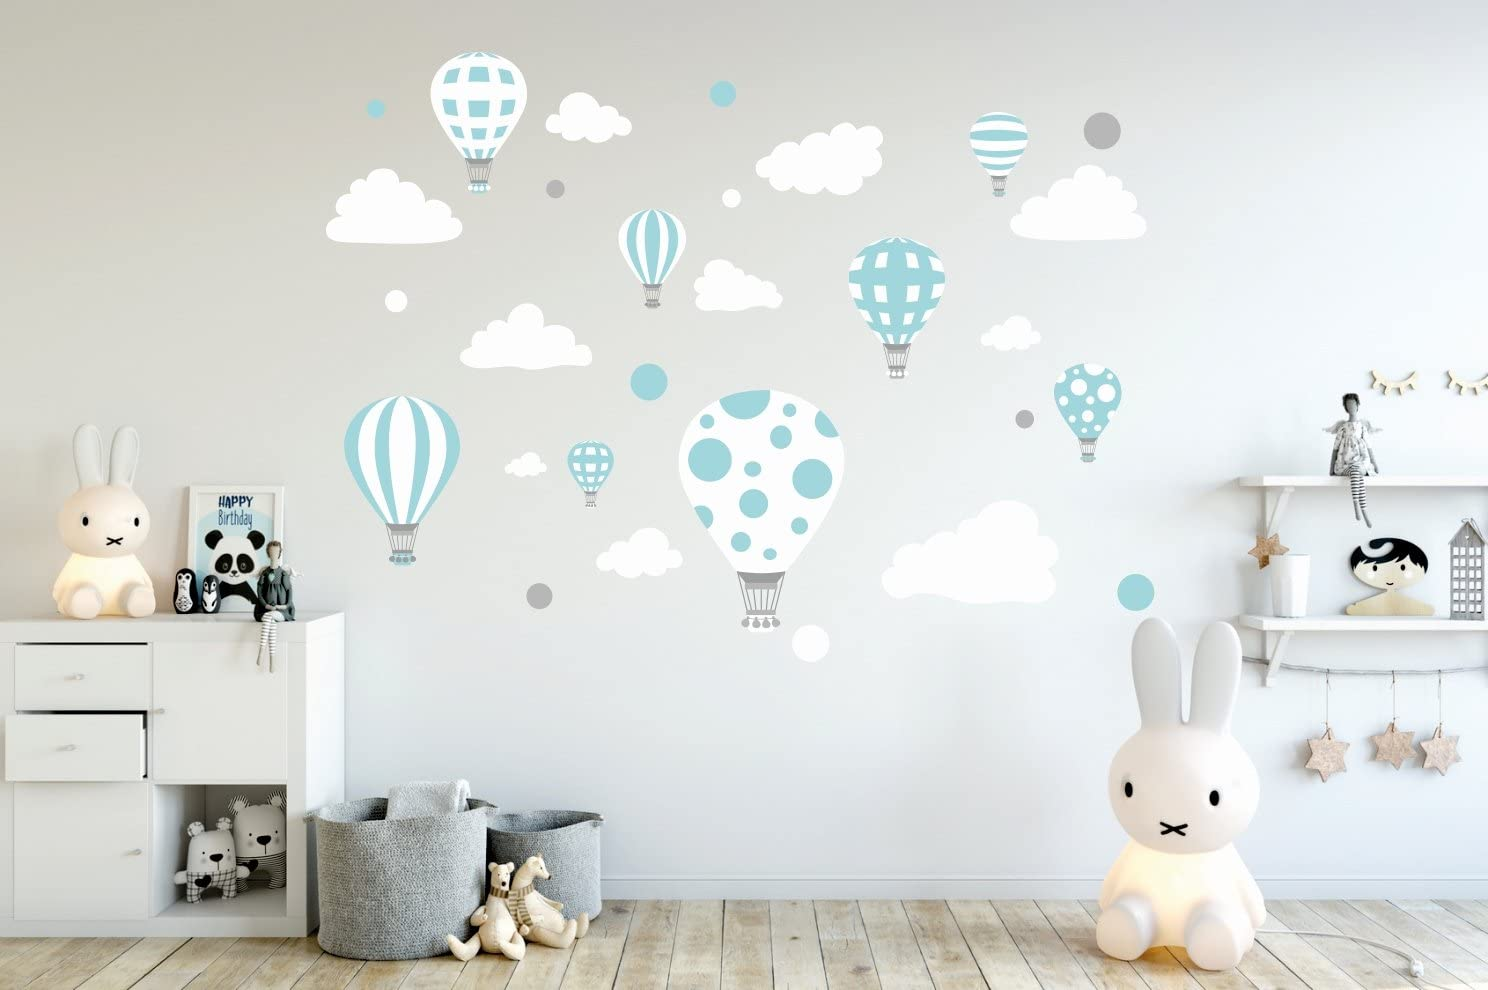 madras24 Etiqueta de la Pared Pegatinas de Pared Pegatinas para niños Globo Globos Nubes Nube Habitación para niños salón jardín de la Infancia Escuela decoración Sala de Estar (B3 XL)